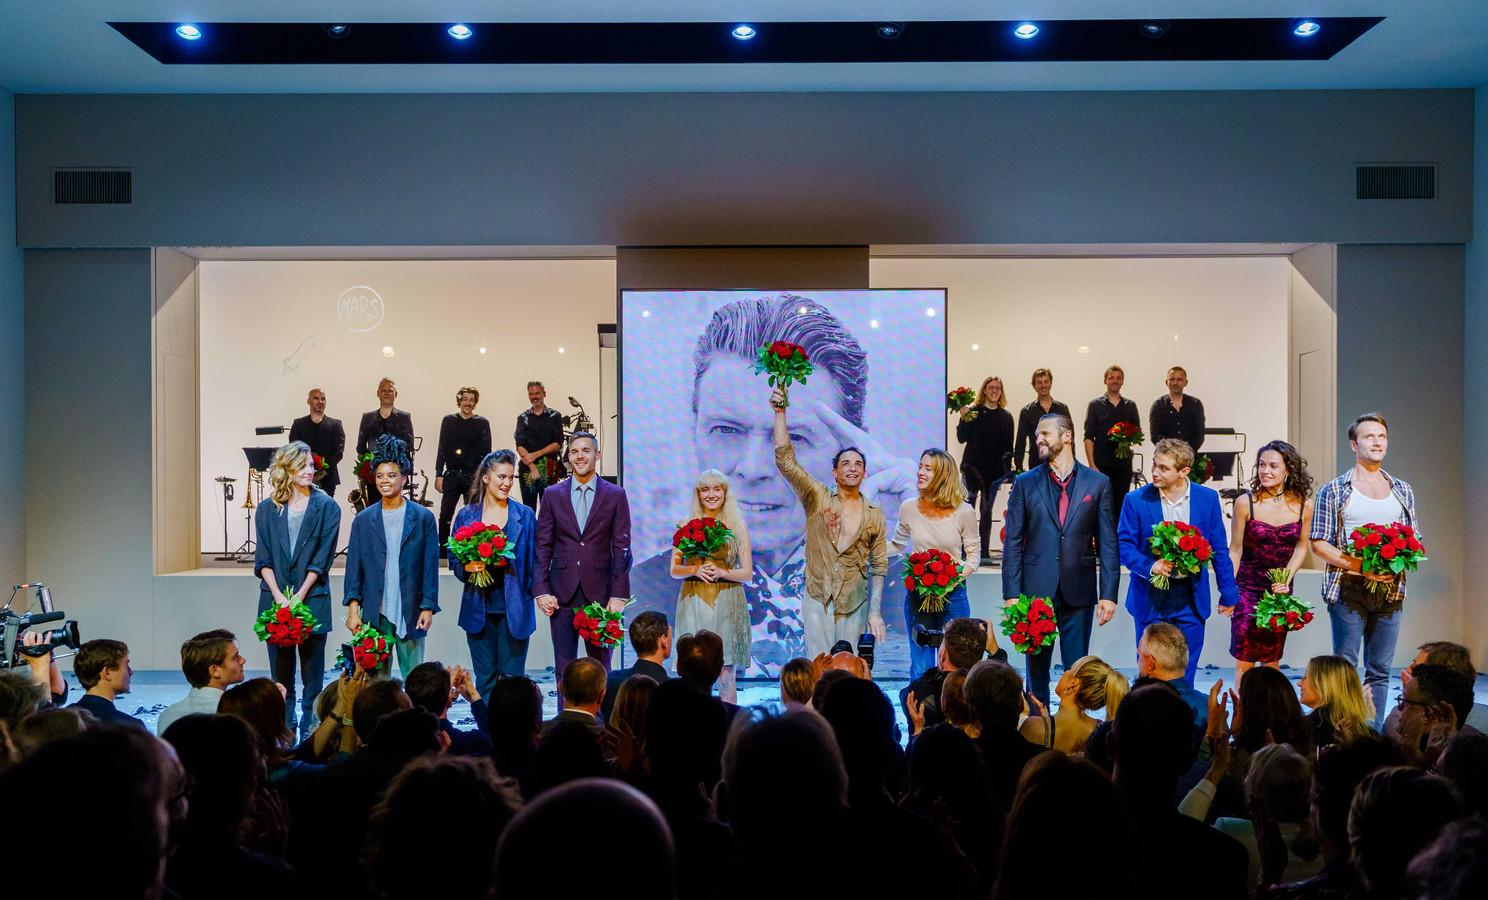 De cast van de musical Lazarus tijdens het slotapplaus in DeLaMar Theater.